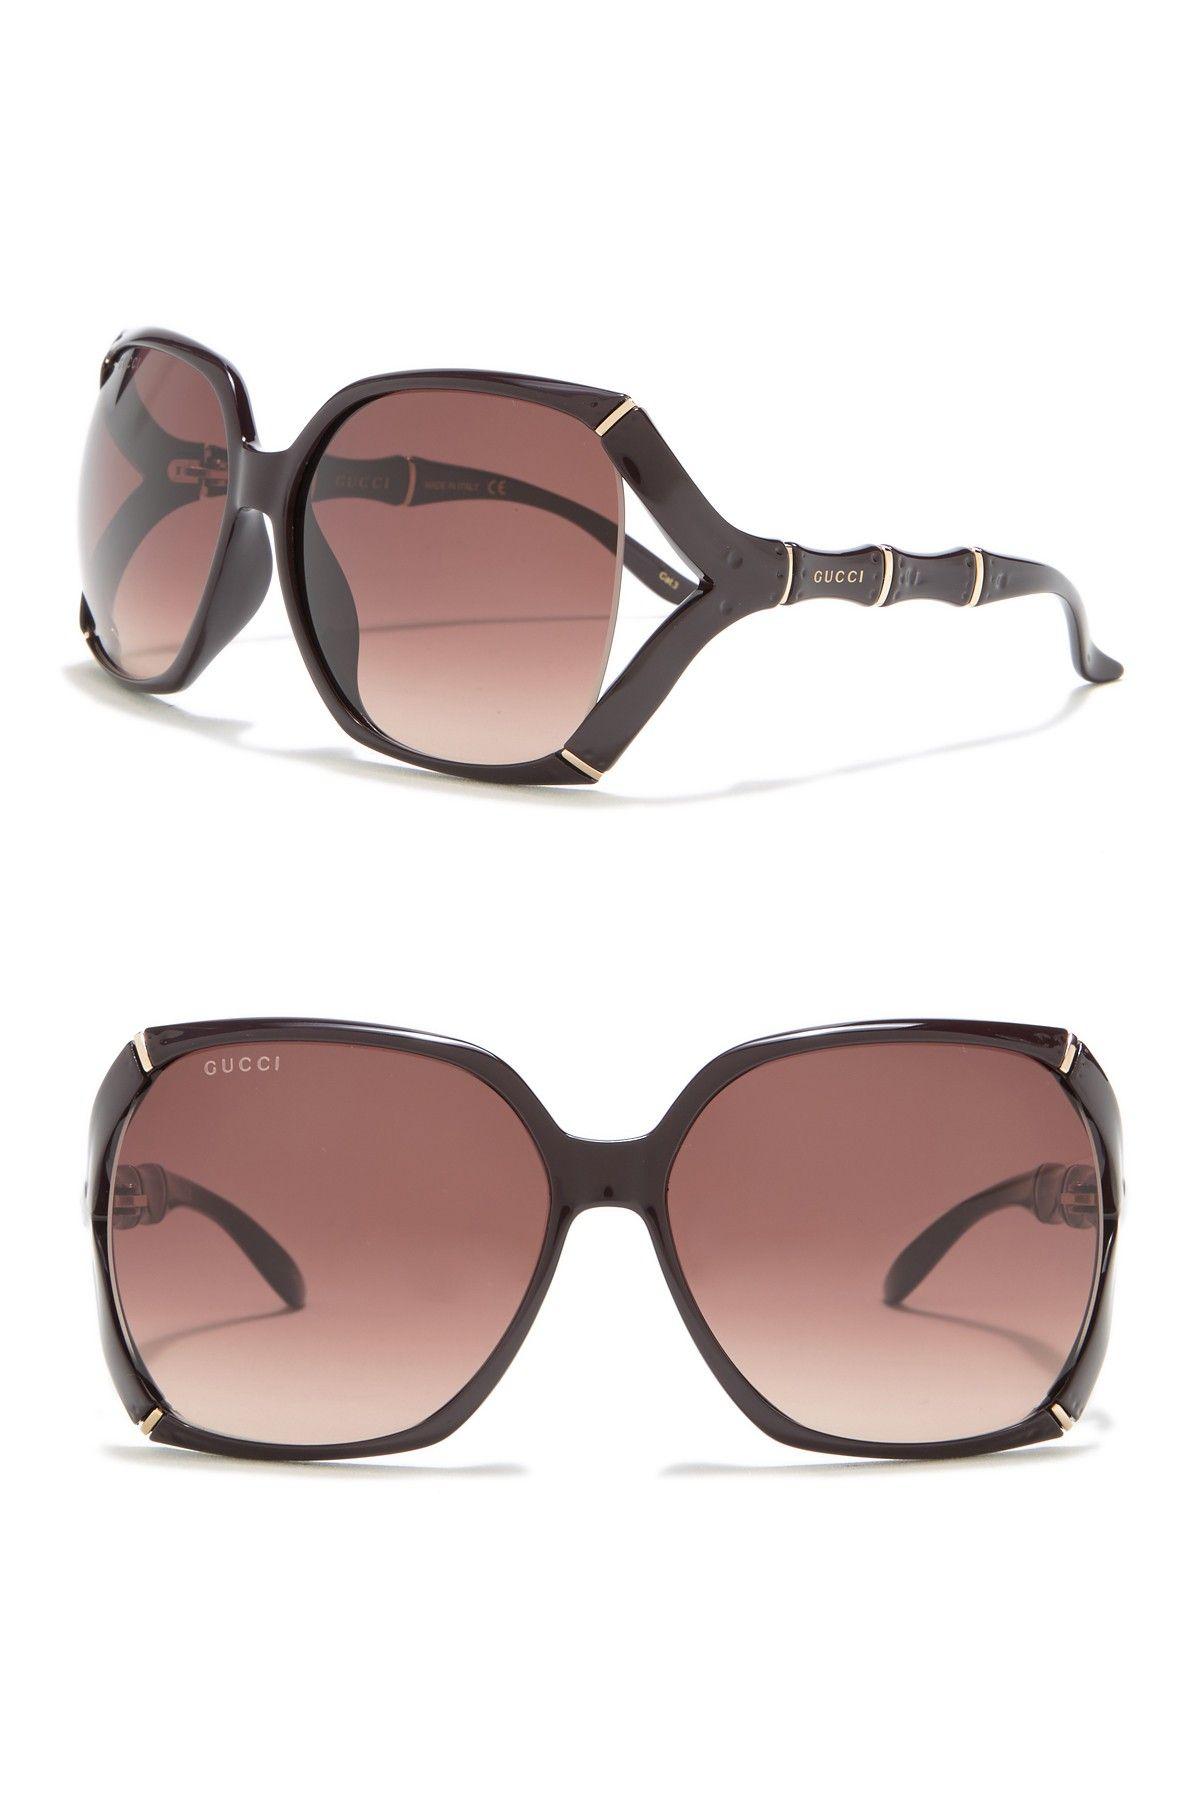 Gucci 58mm Oversize Square Sunglasses Color Aubergine Brown Style Square Size 58 14 110mm Oversized Square Sunglasses Square Sunglasses Sunglasses